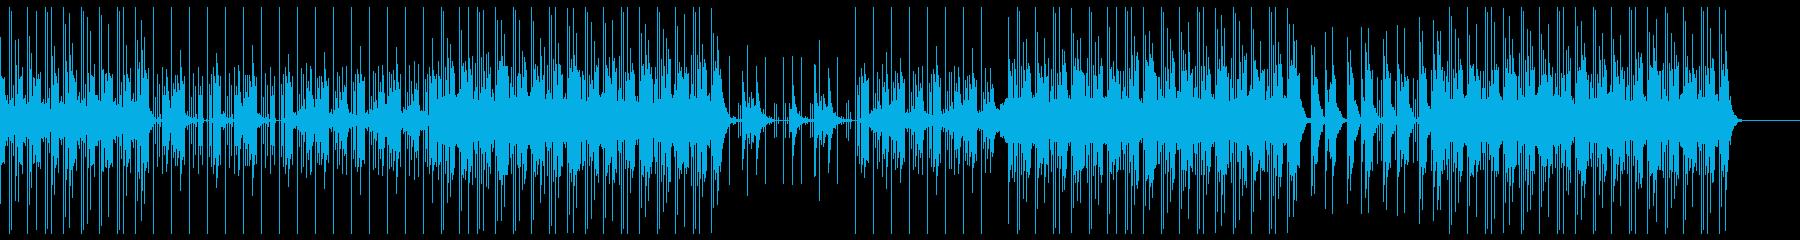 スリリング ミステリー トラップビートの再生済みの波形